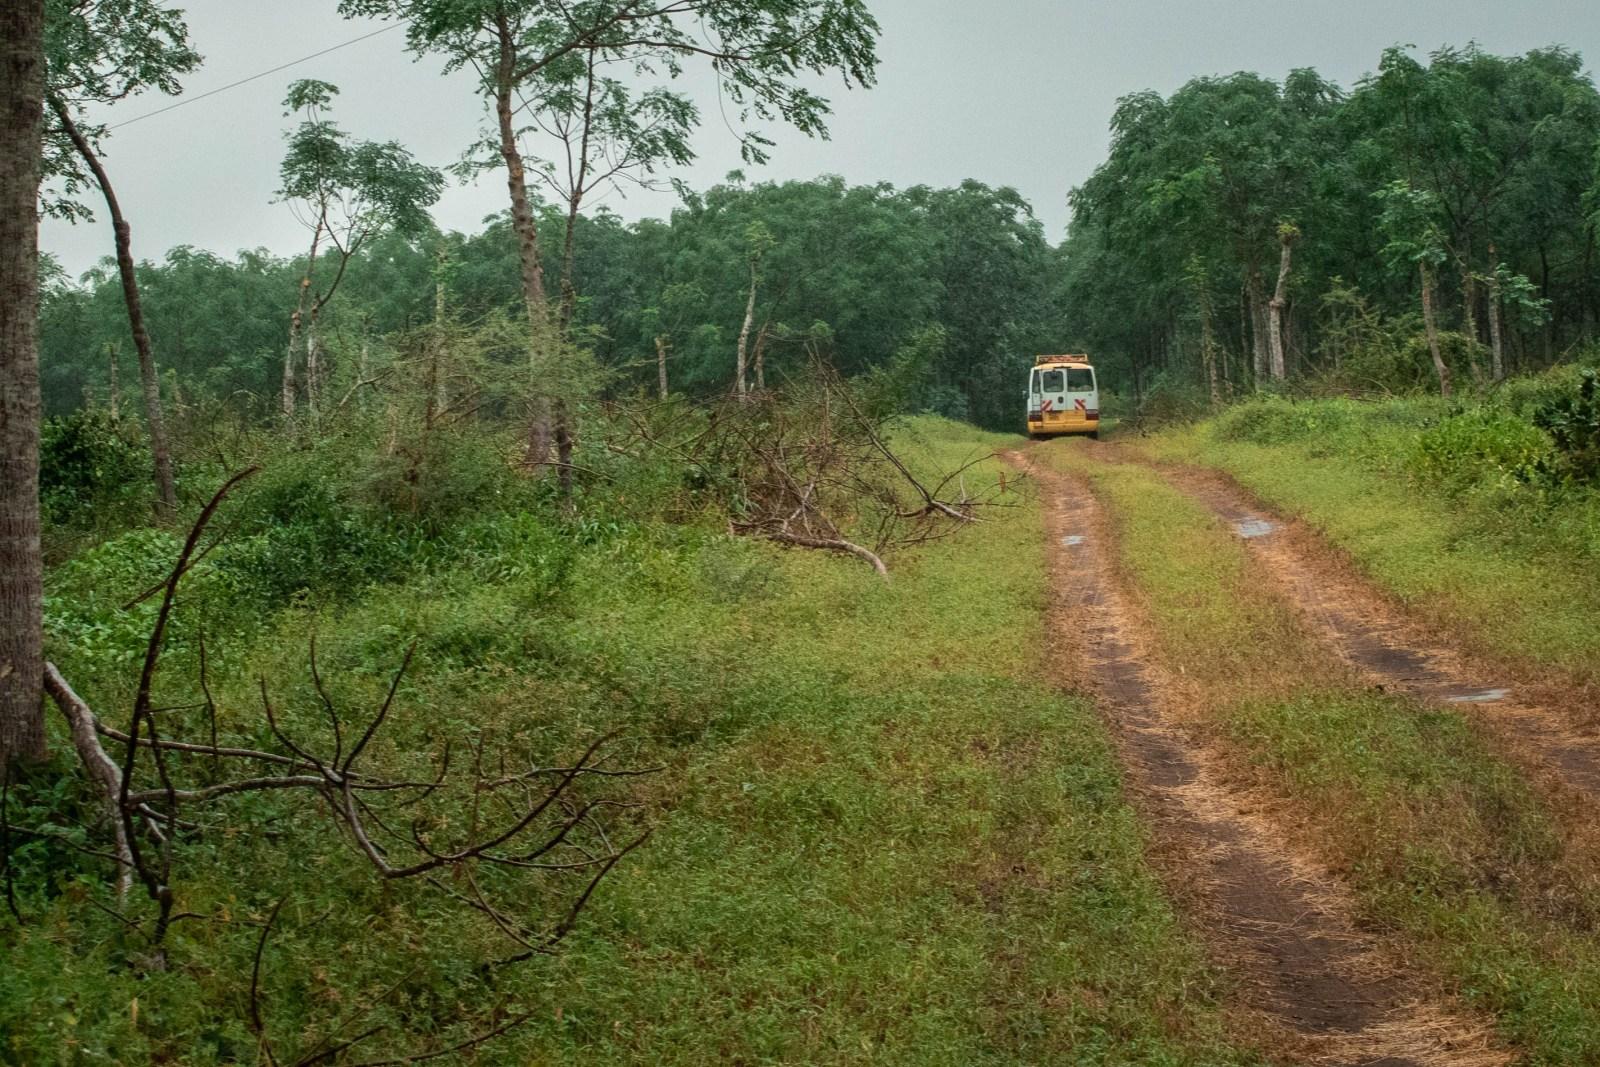 Vi åkte runt med buss på plantagen då vi inte tilläts egna promenader av säkerhetsskäl.